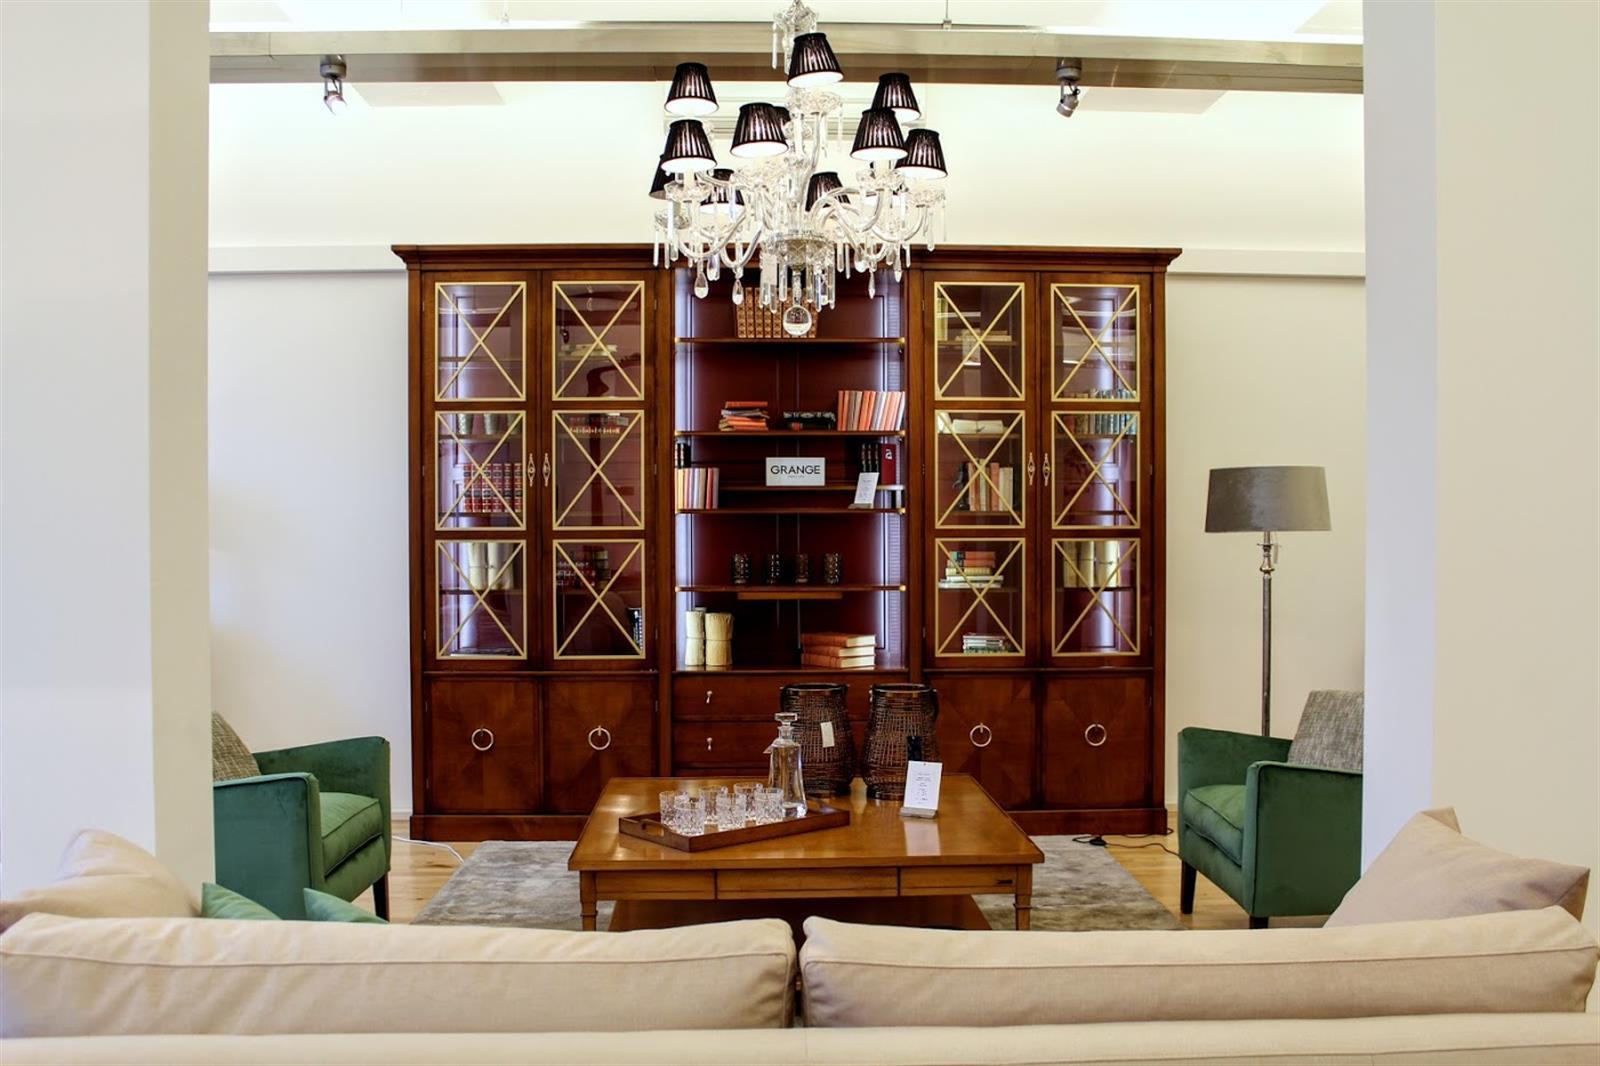 grange luxembourg einrichtung und ausstattung von gesch ftsr umen m bel editus. Black Bedroom Furniture Sets. Home Design Ideas